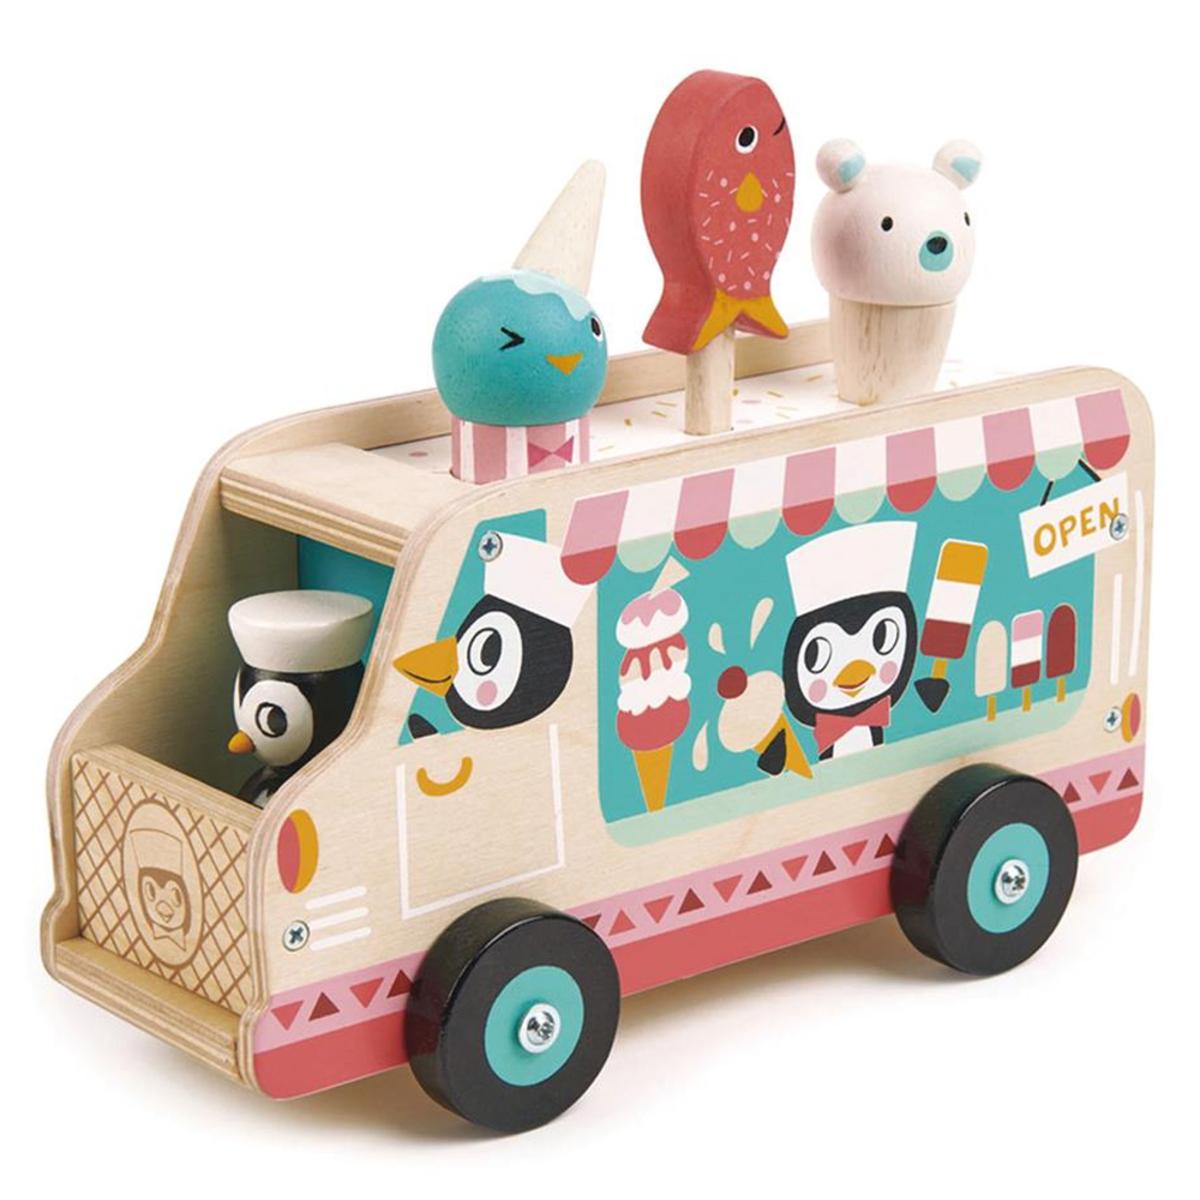 Mes premiers jouets Le Chariot de Crème Glacée des Pingouins Tender Leaf Toys - AR202001280107